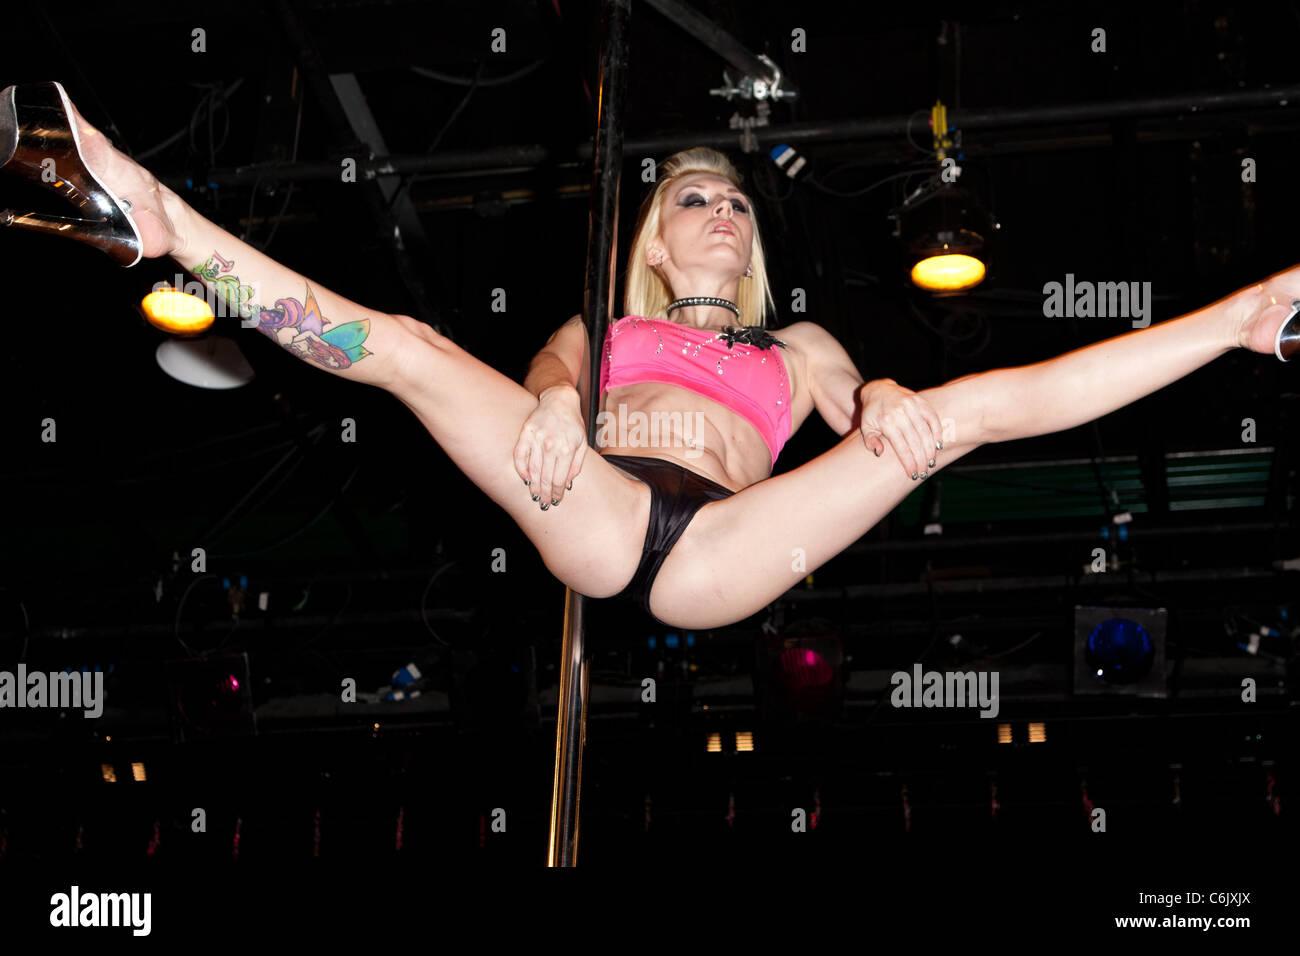 pole dance usa